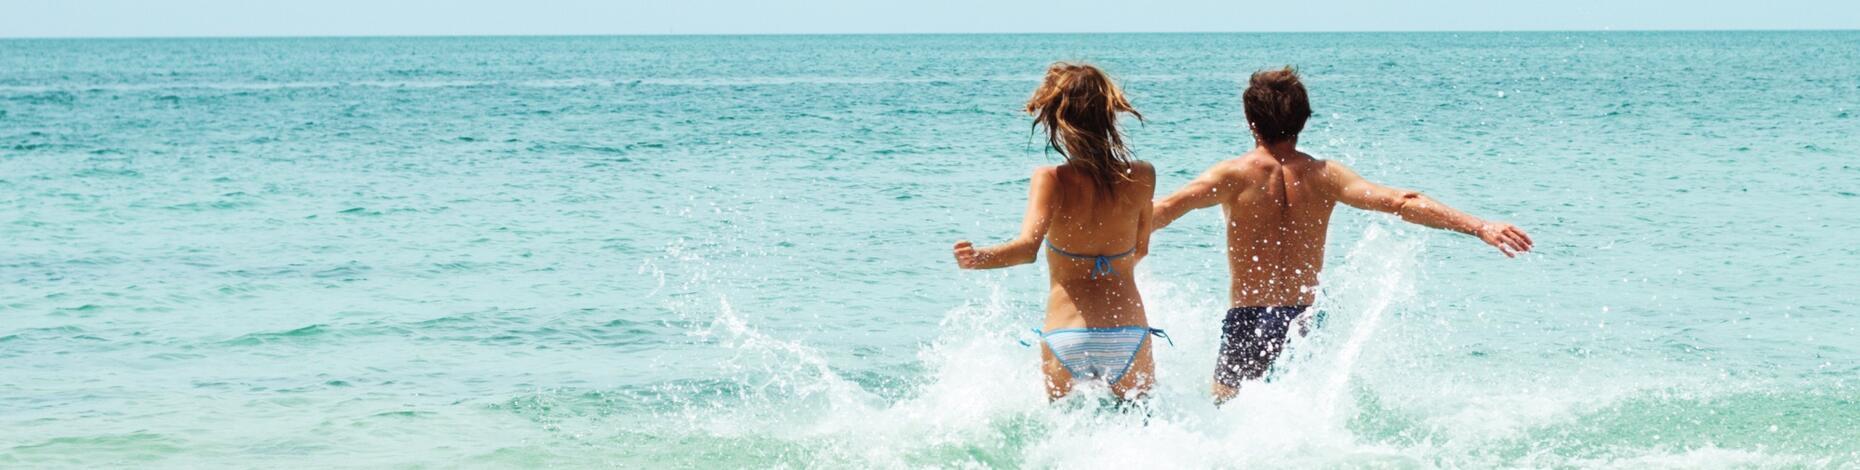 Vacanze di Giugno in Boutique Hotel con spiaggia e ricca colazione incluse